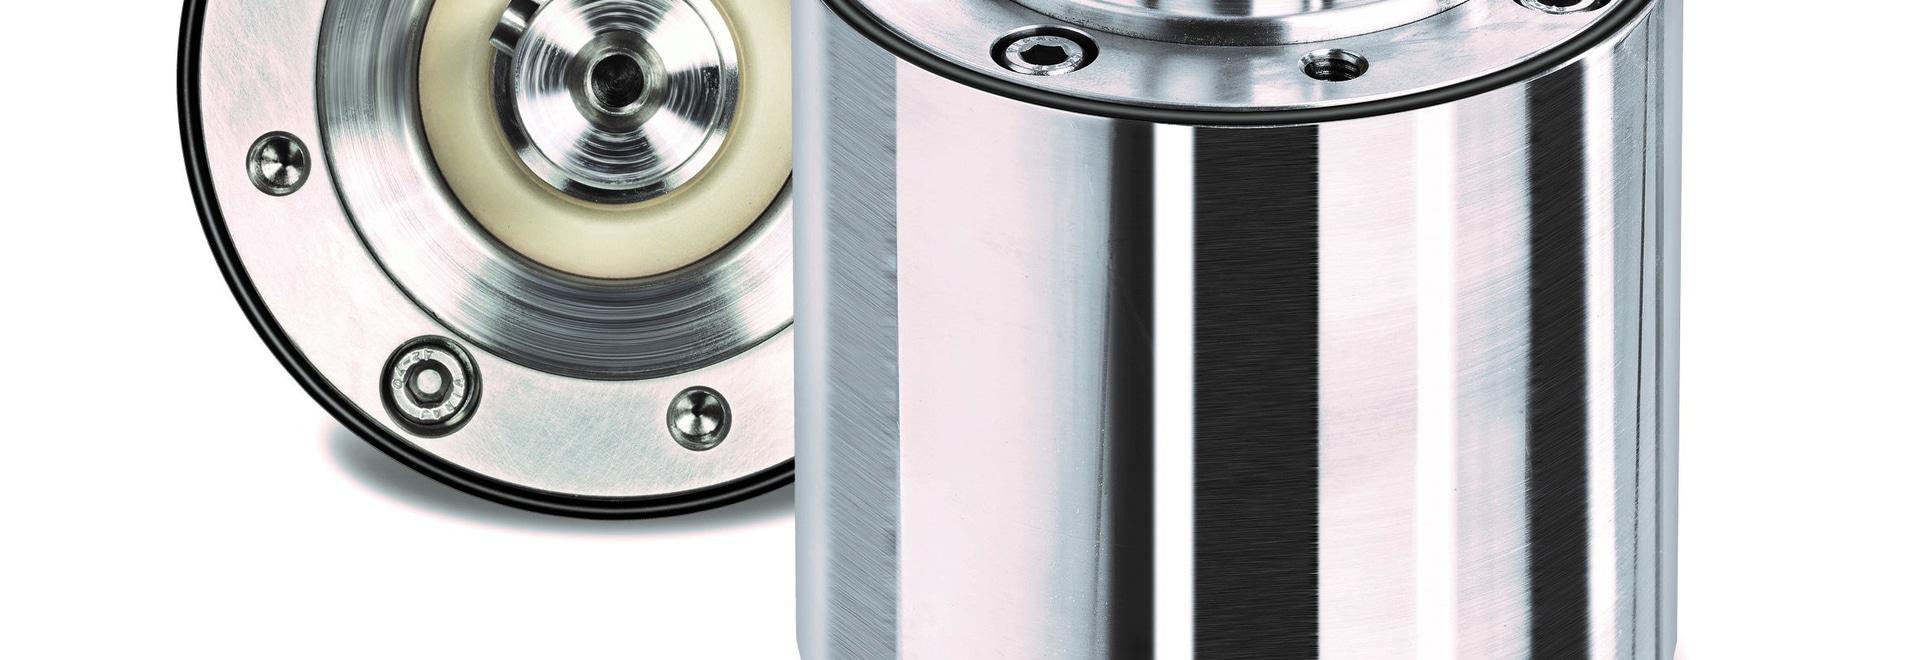 Réducteur planétaire SPN E24 en version hygiène